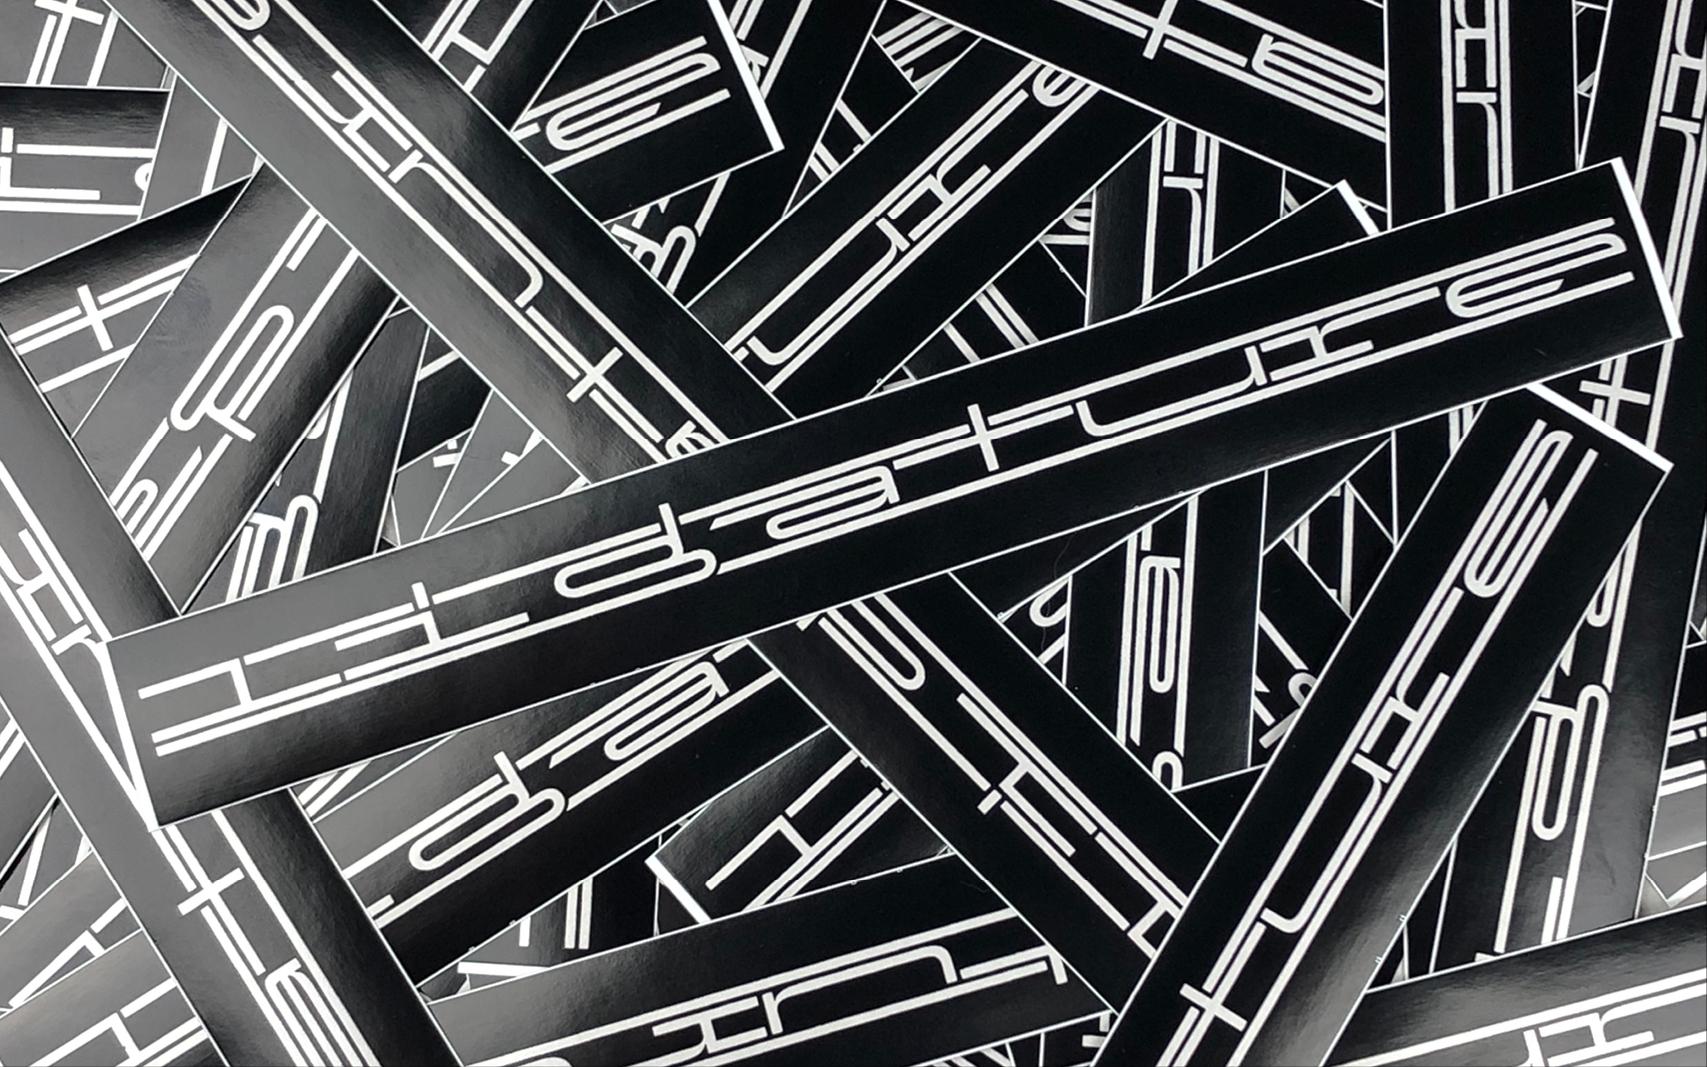 ligature_logo_sticker_02